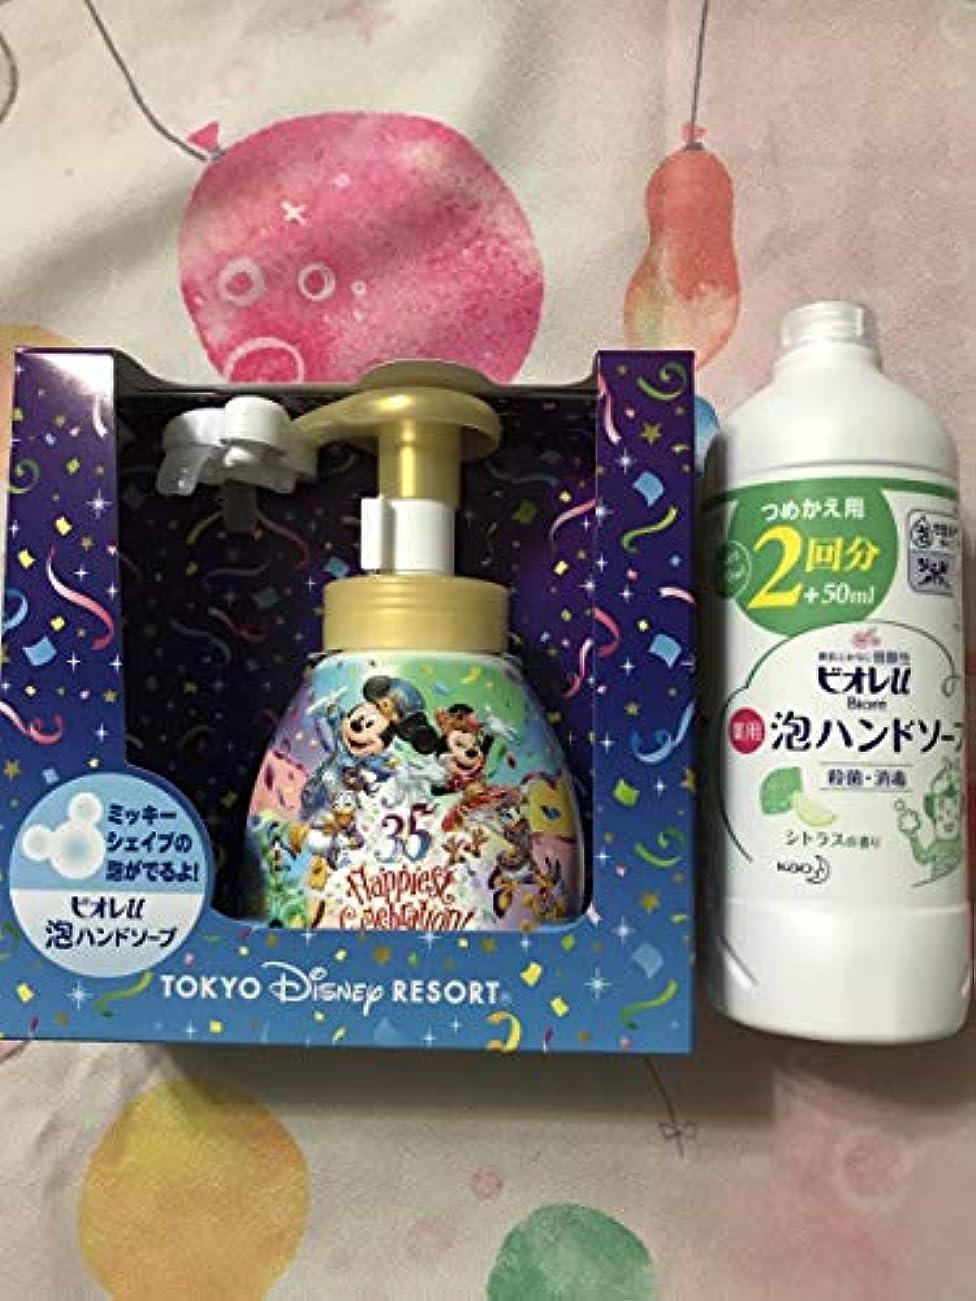 浮浪者紫の投票ミッキー シェイプ ハンドソープ 東京ディズニーリゾート 35周年 記念 石鹸 ビオレU 詰め替え シトラスの香り付き